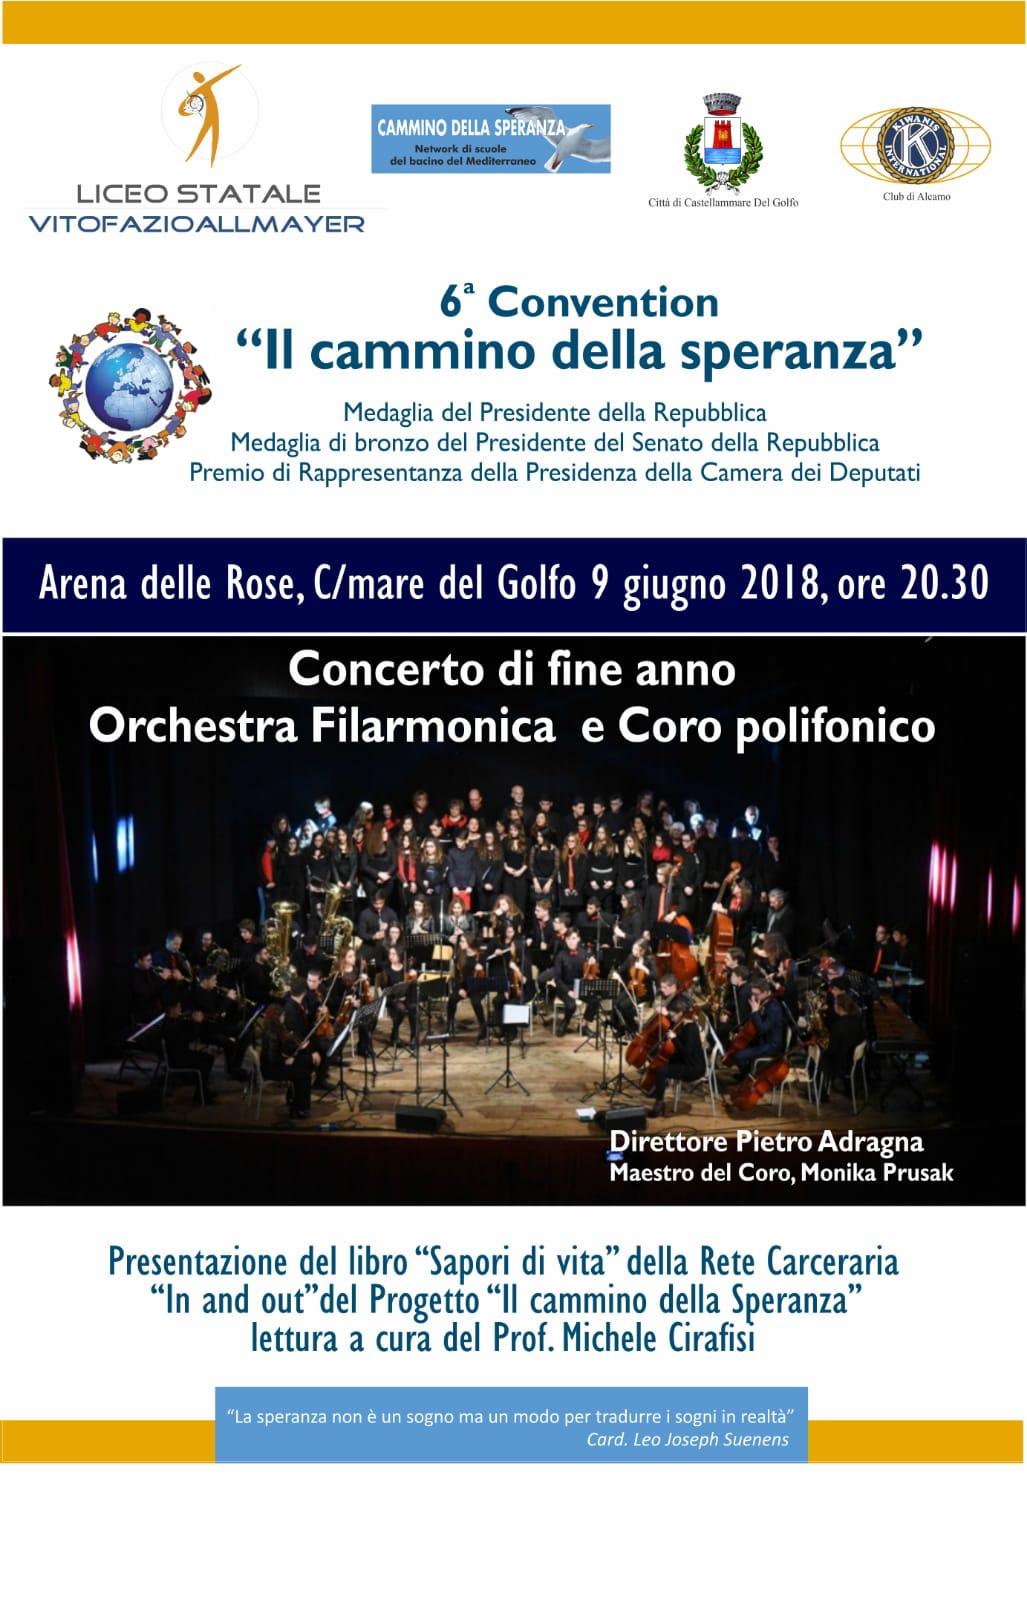 Concerto di fine anno, protagonista l'Orchestra Sinfonica e